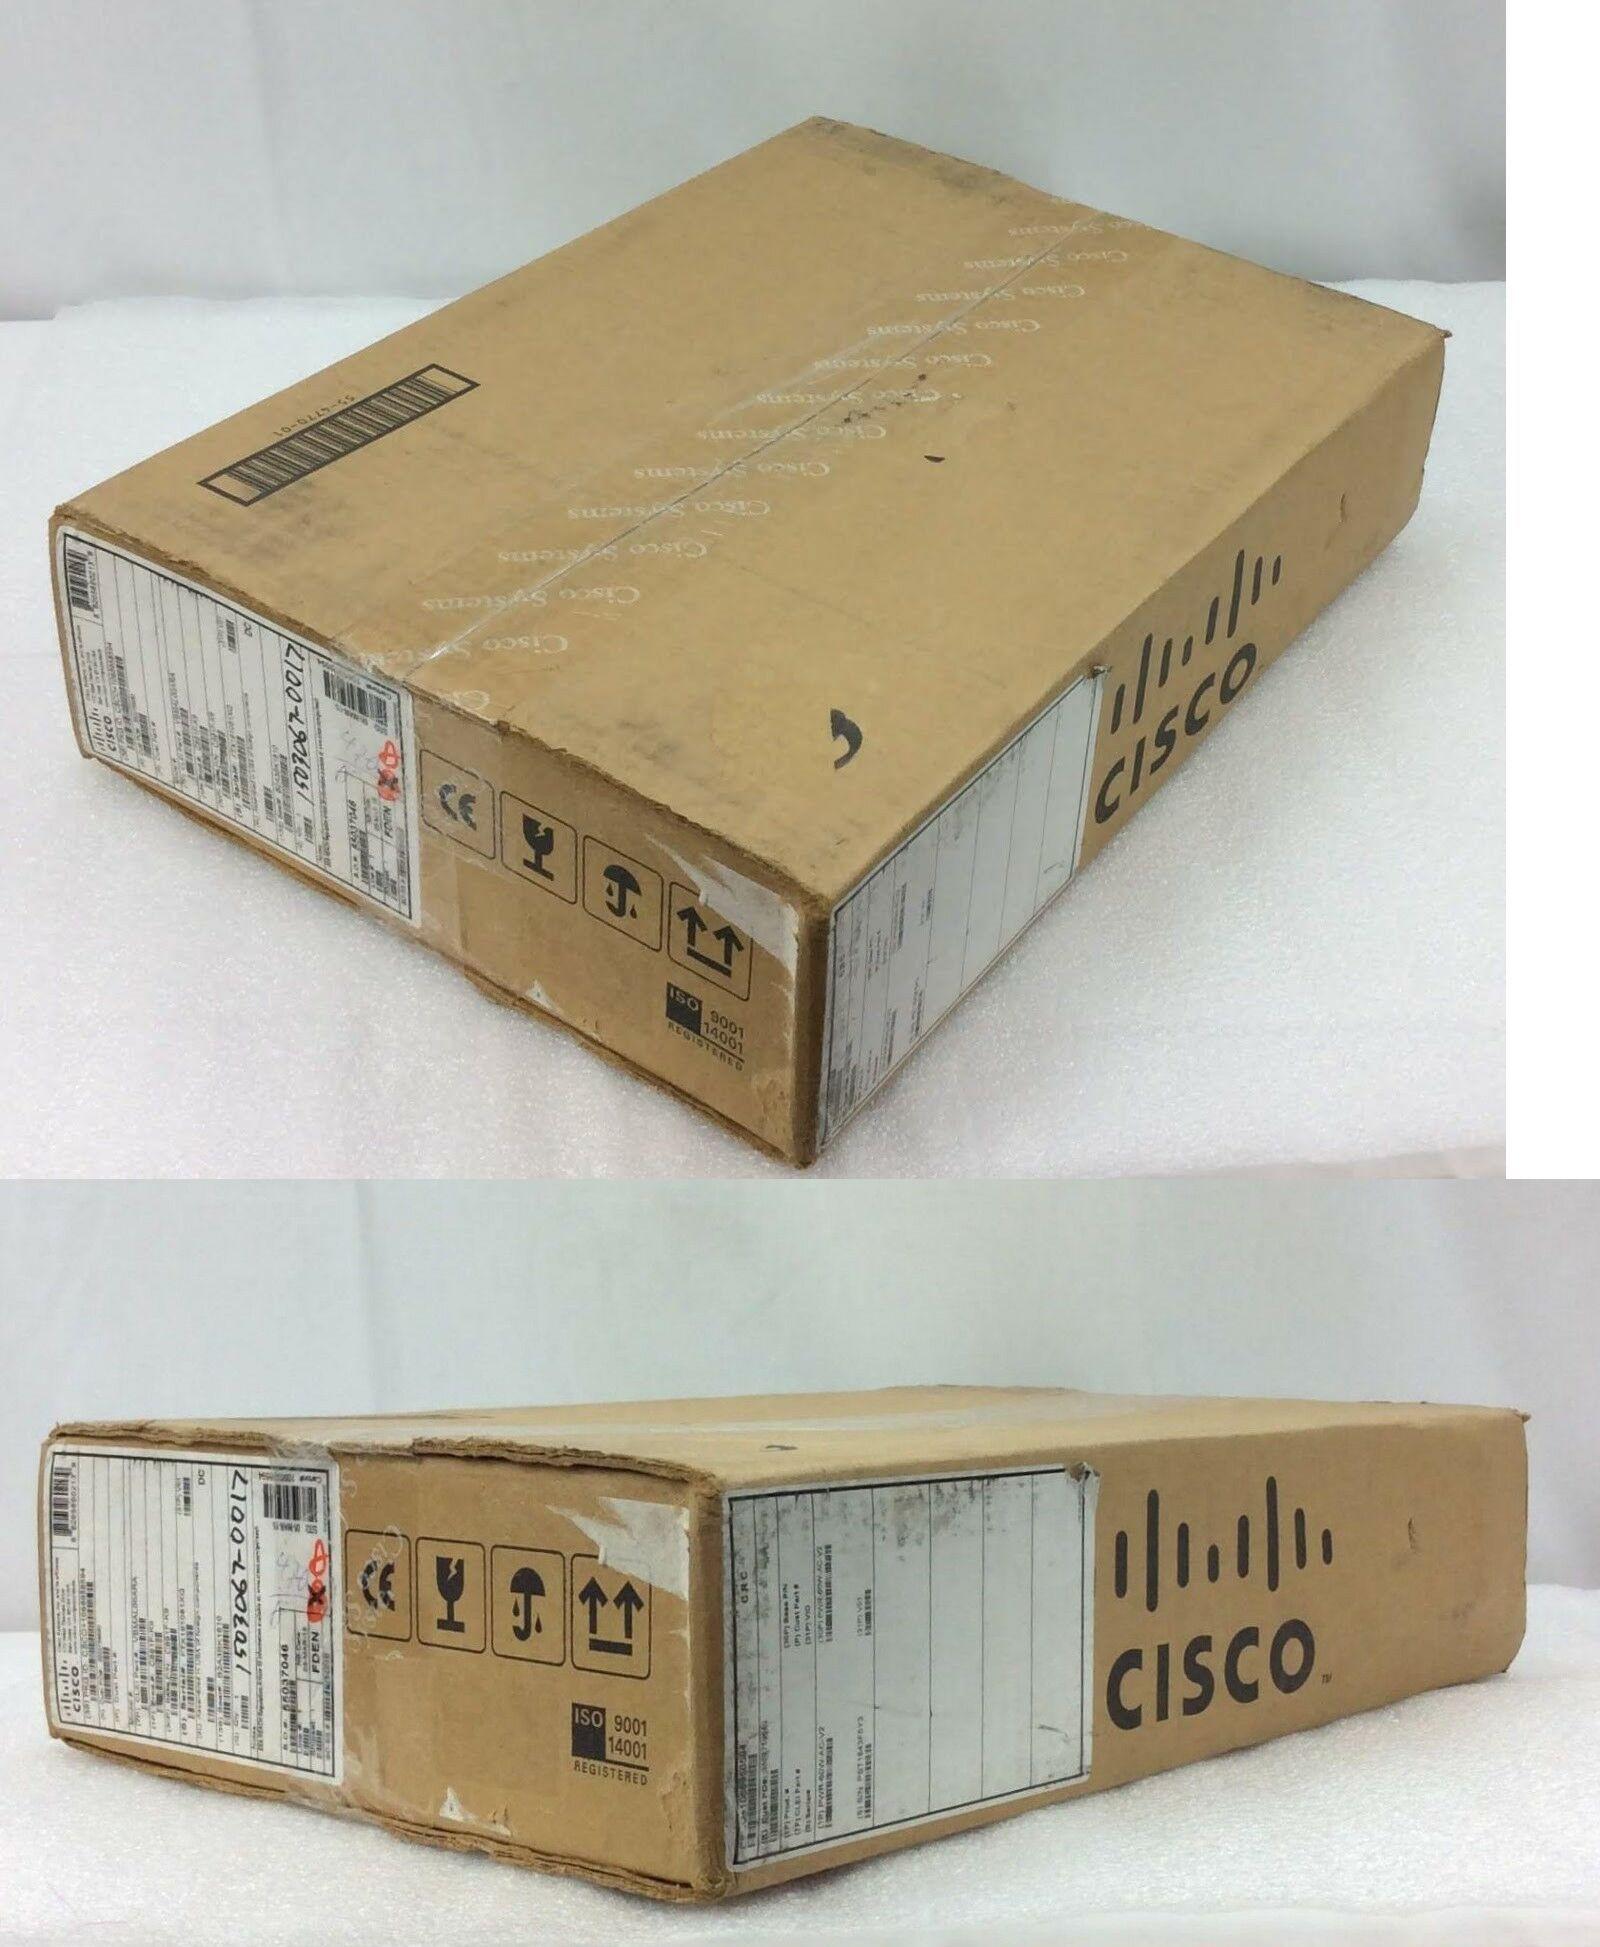 Enterprise Routers 175699: Cisco 891F Gigabit Ethernet